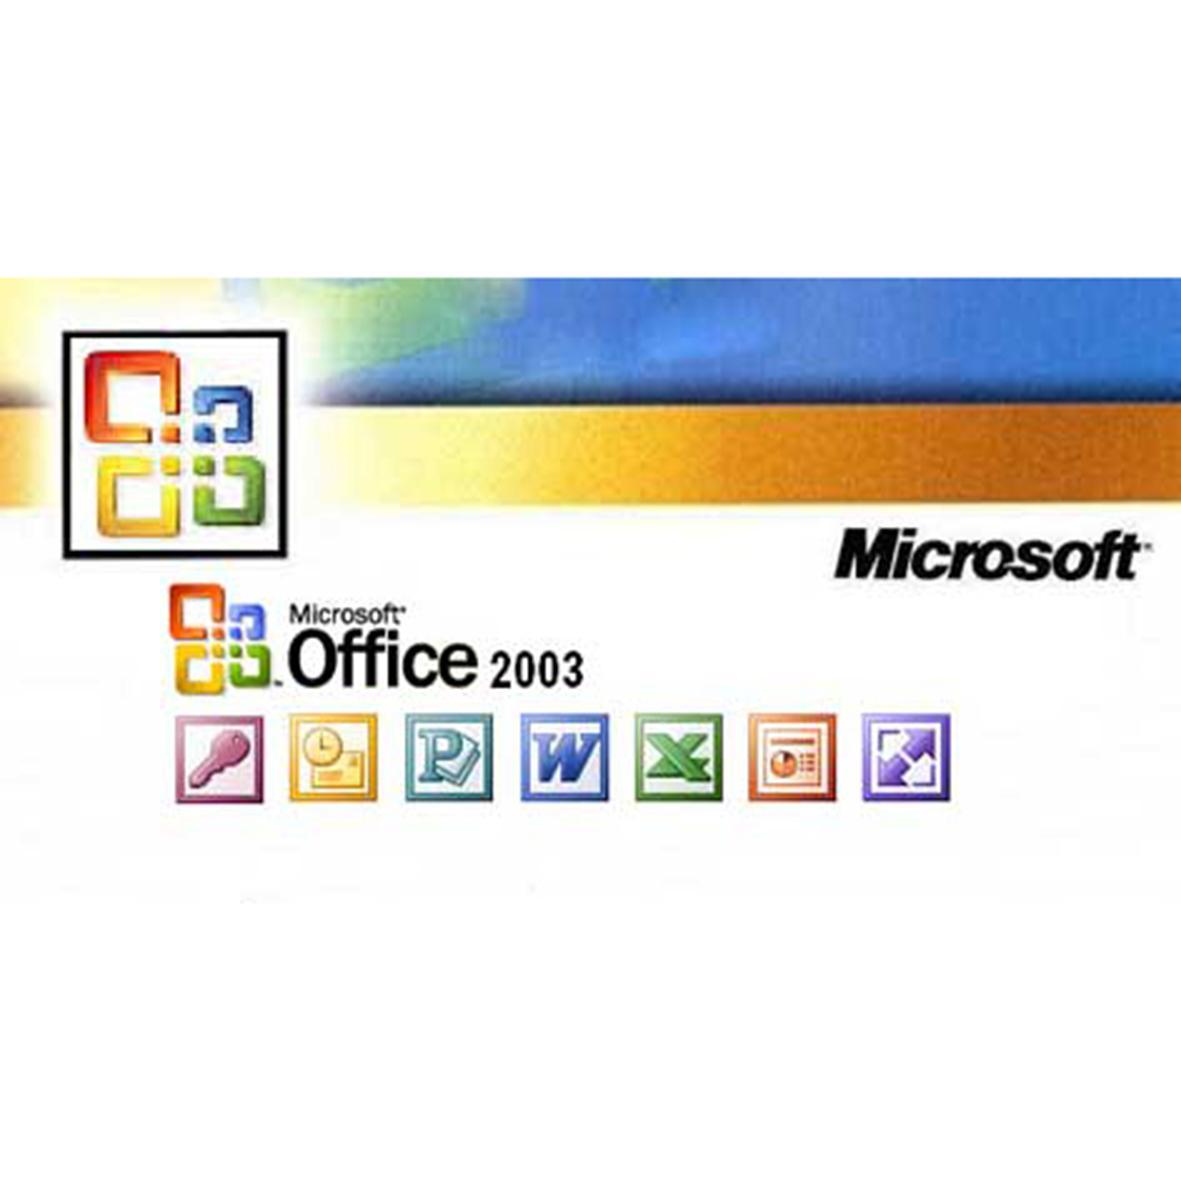 Đĩa VCD Office 2003 văn phòng kích hoạt bằng key bản quyền